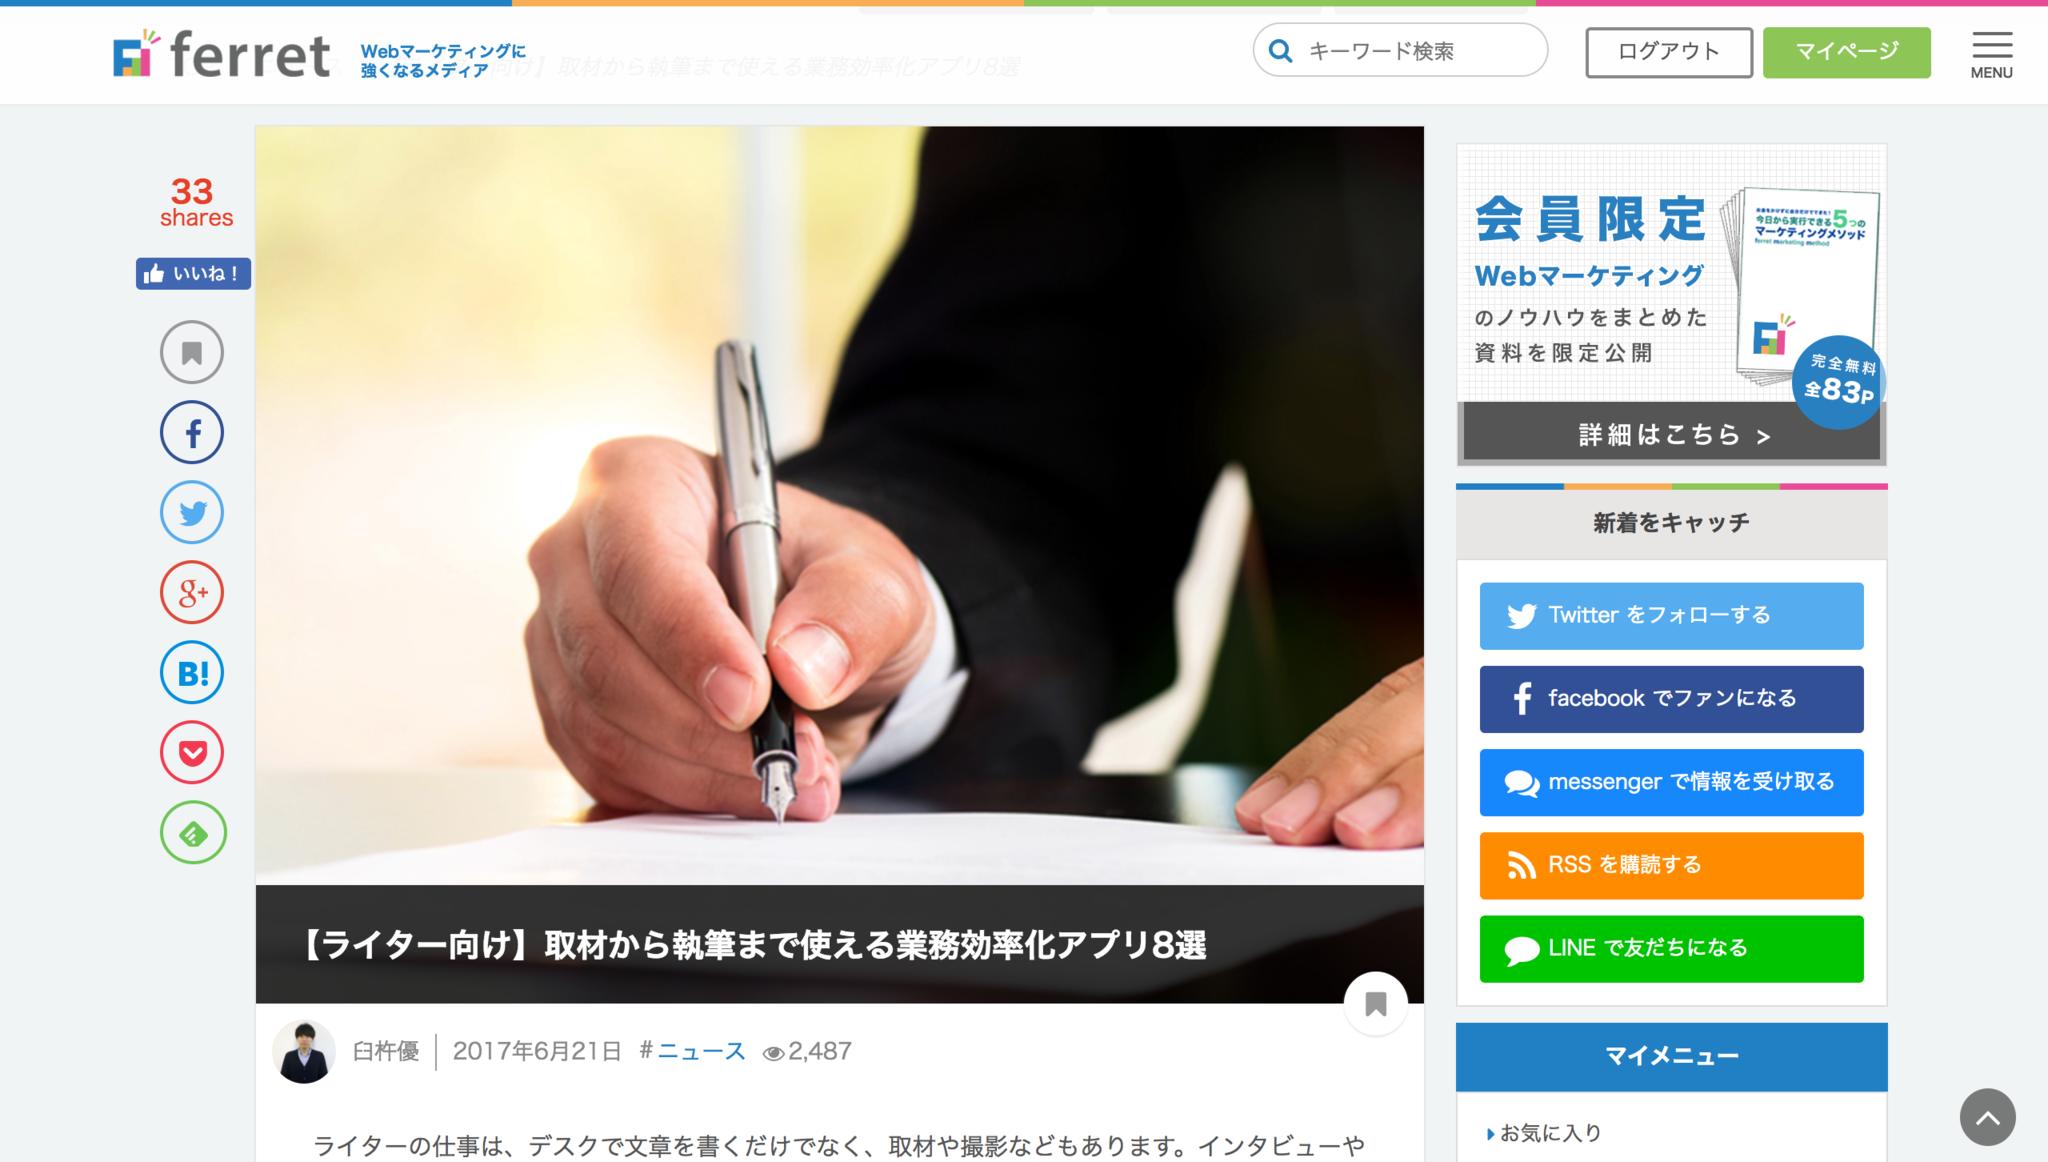 【ライター向け】取材から執筆まで使える業務効率化アプリ8選|ferret__フェレット_.png